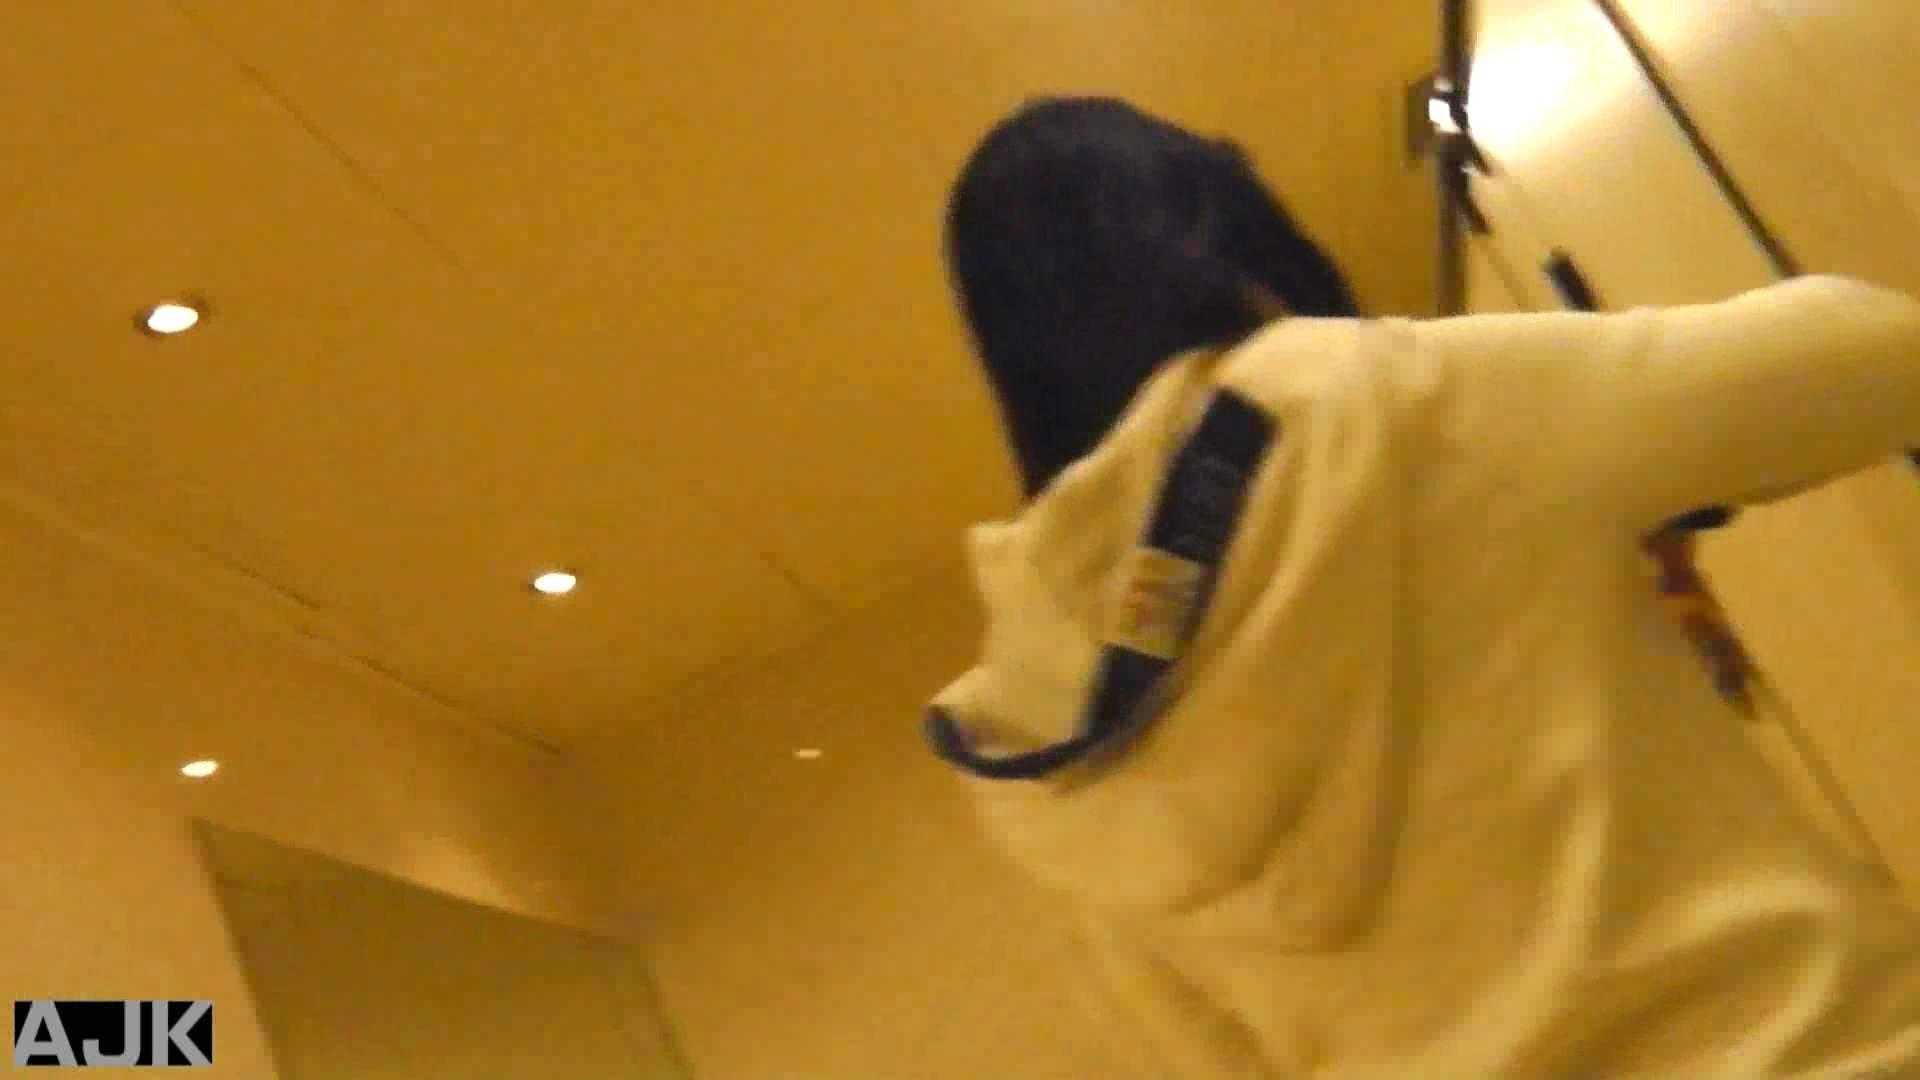 神降臨!史上最強の潜入かわや! vol.02 美女まとめ オマンコ無修正動画無料 90PIX 10